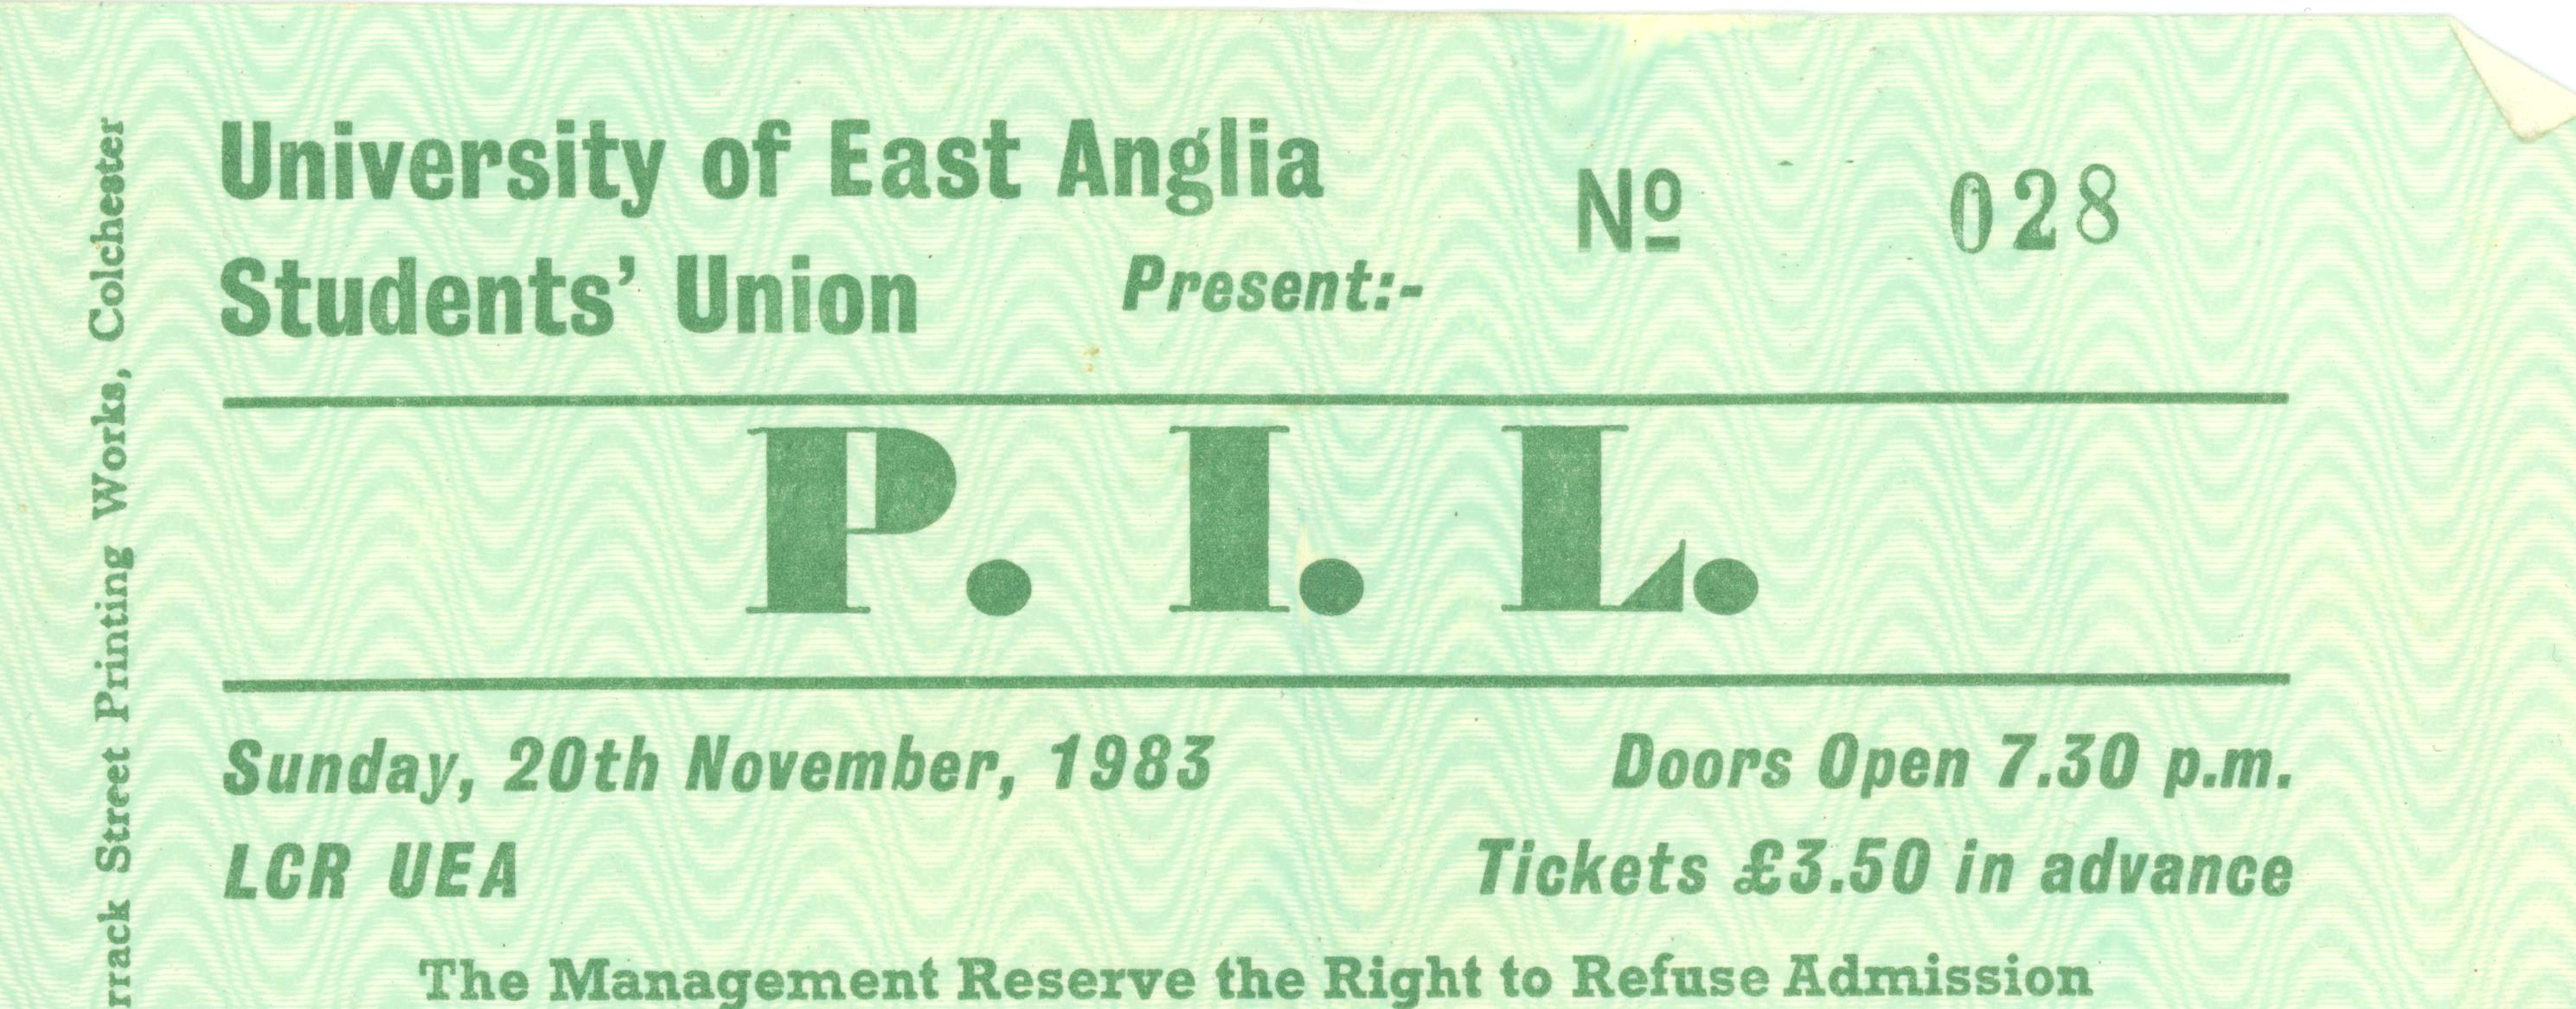 Public Image UEA 1983